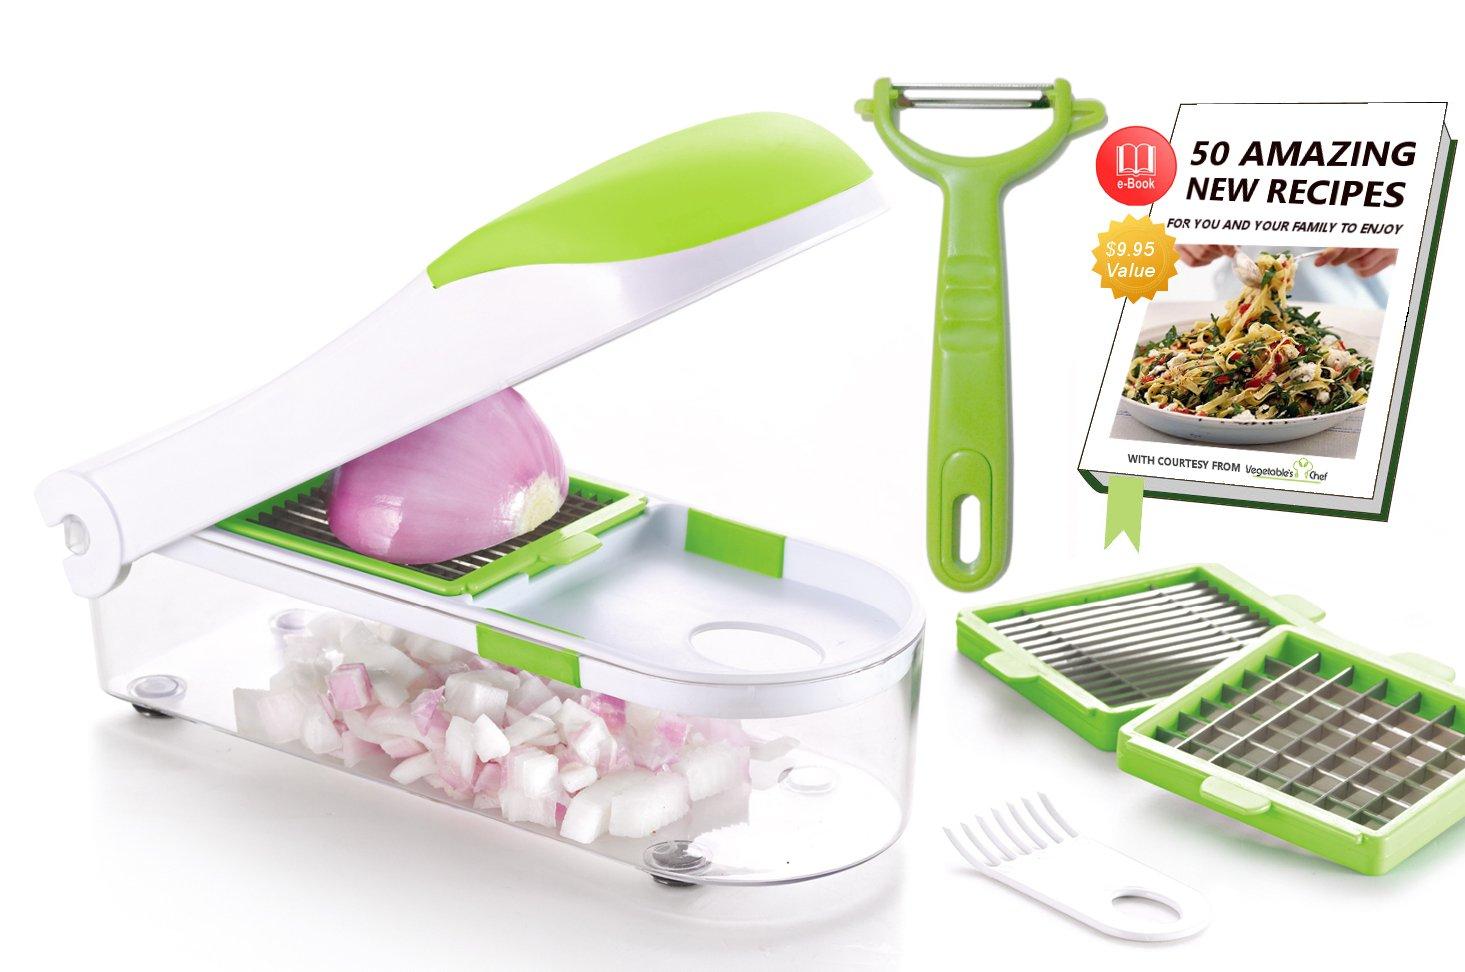 Vegetables Chef - Chopper de papas, cebolla, vegetales, frutas y queso - eBook gratuito de recetas y peladores: Amazon.es: Hogar